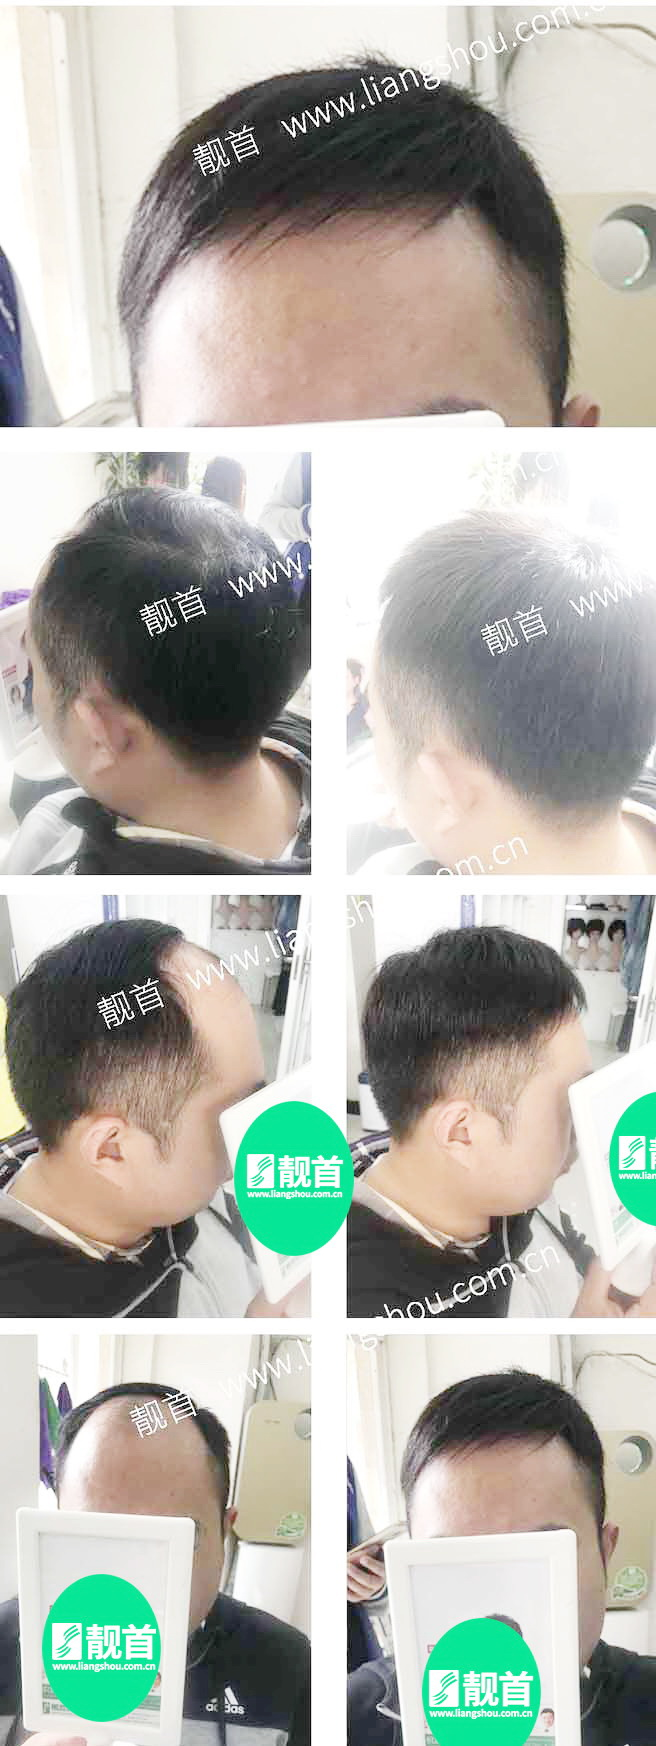 中年-短发-局部-男士织发-补发-真人发假发-实拍案例